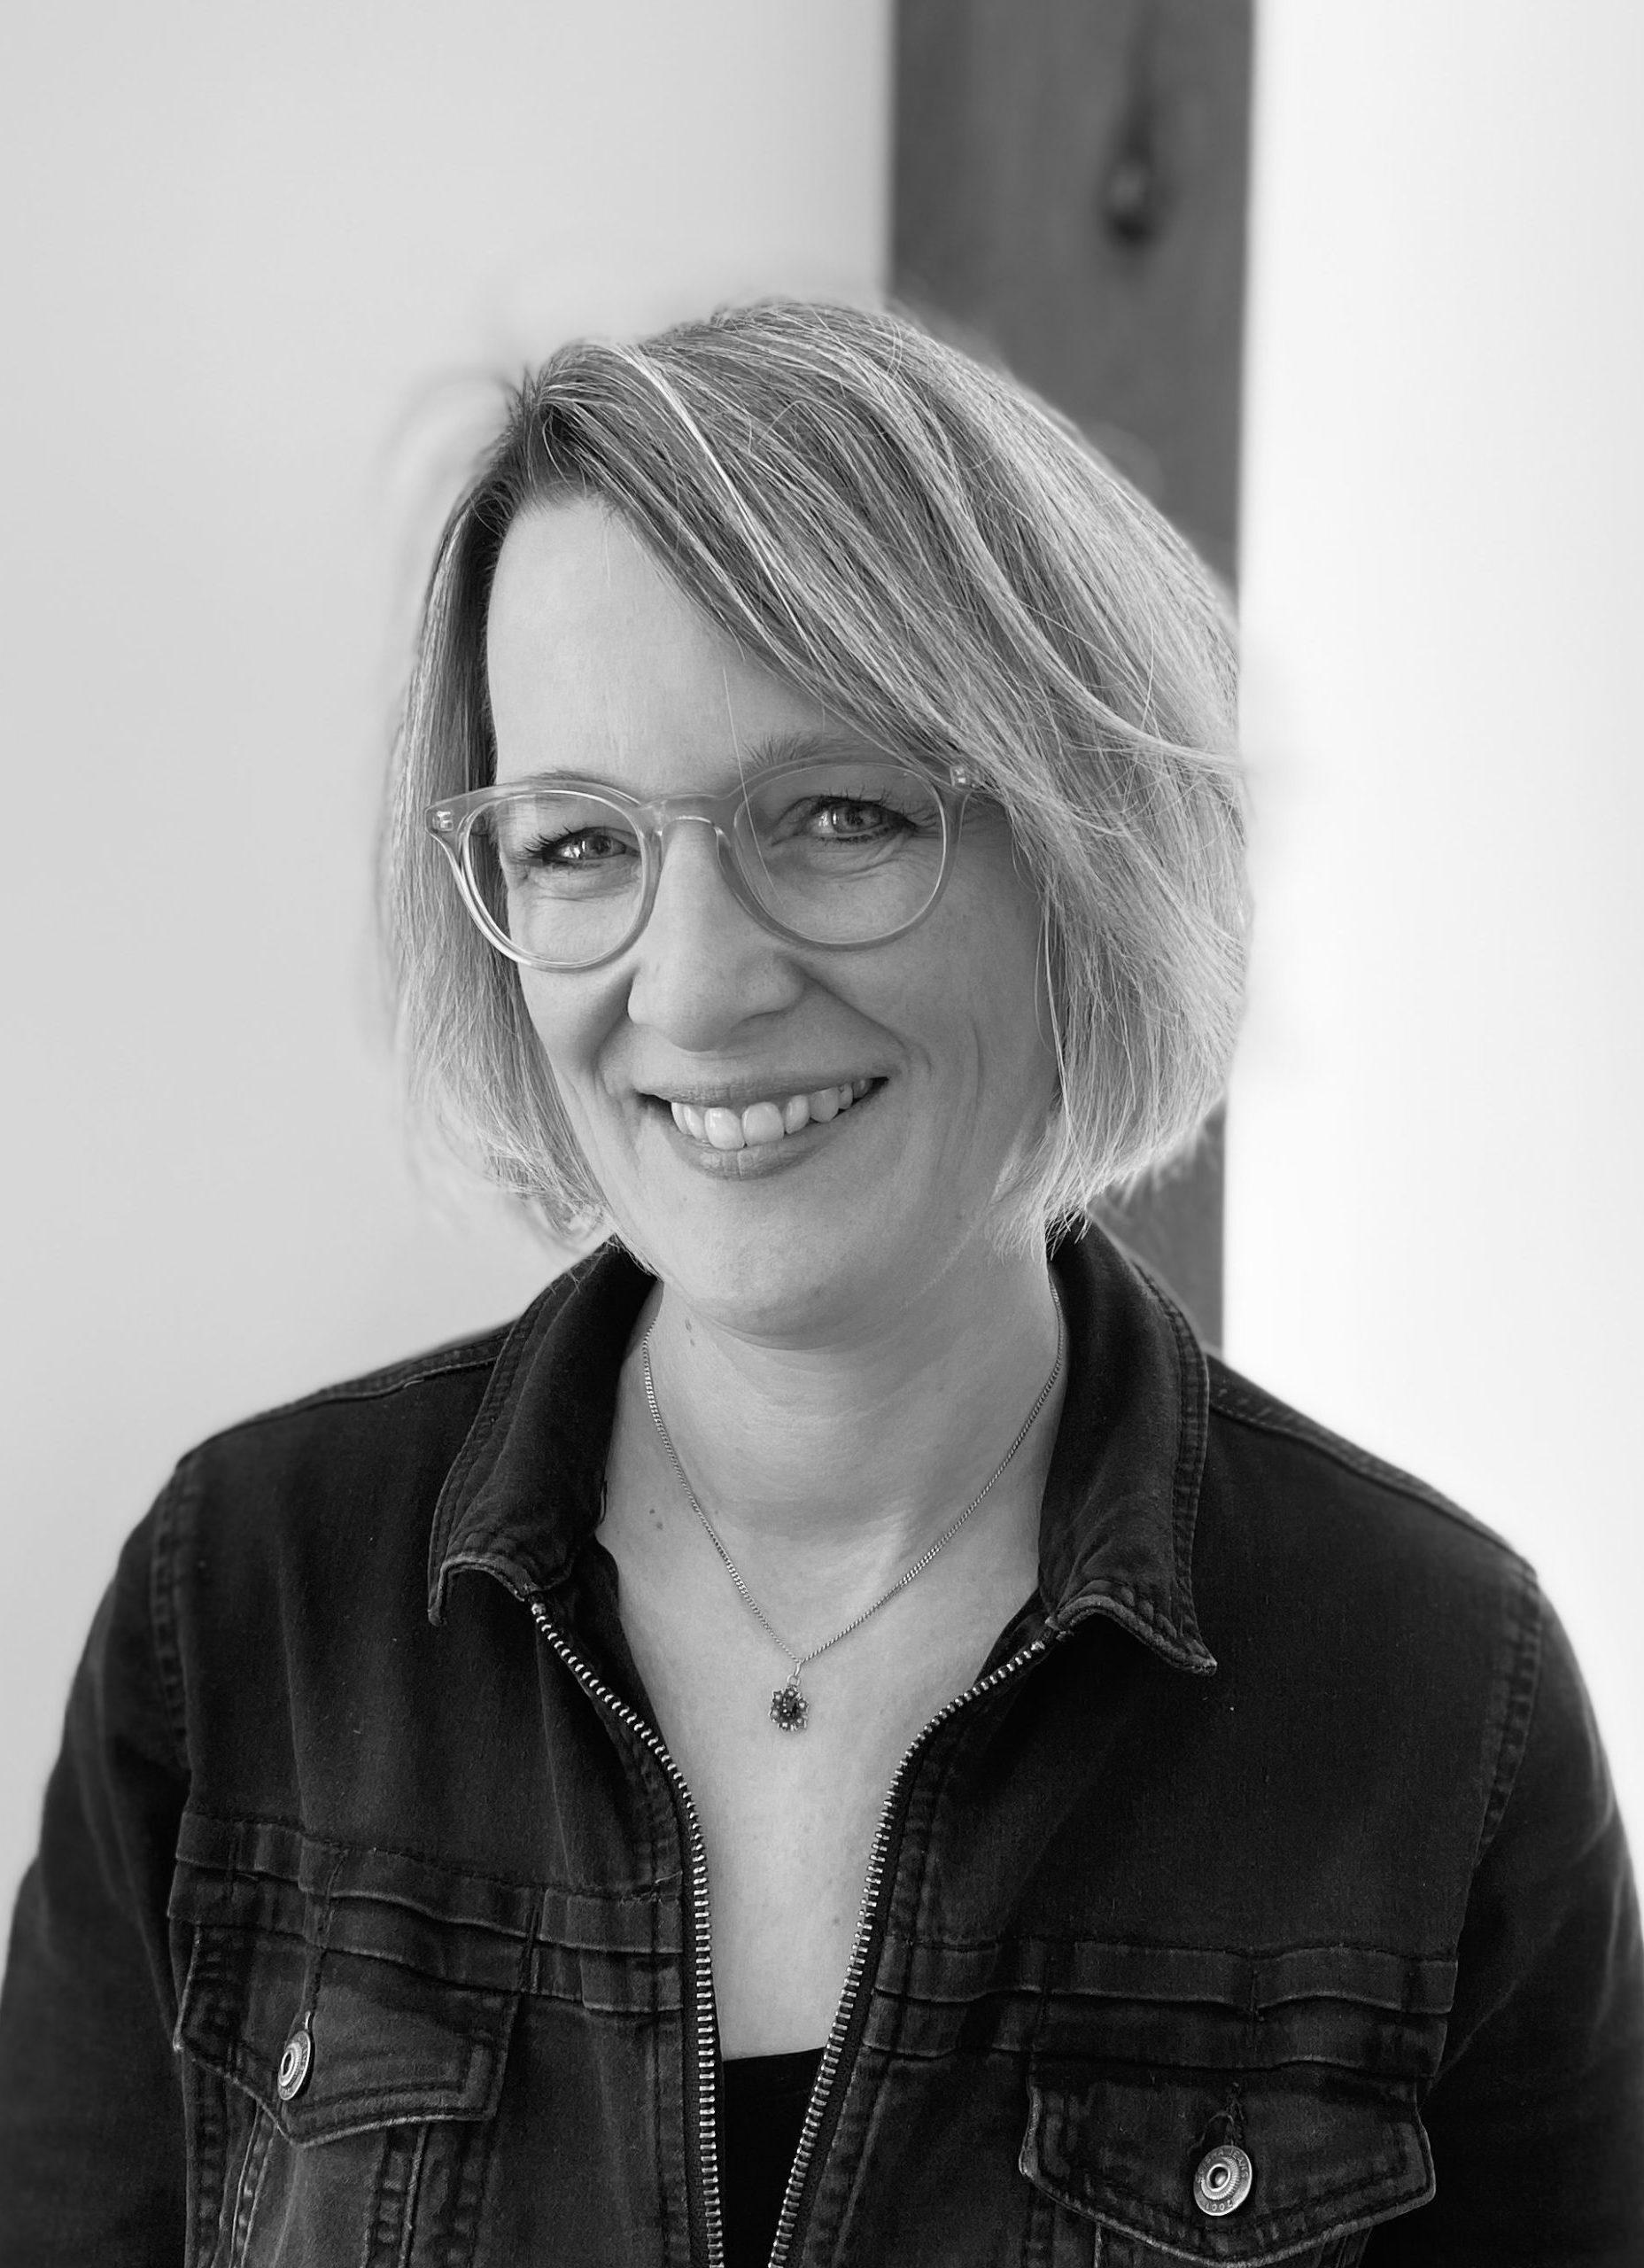 Marissa Krijger